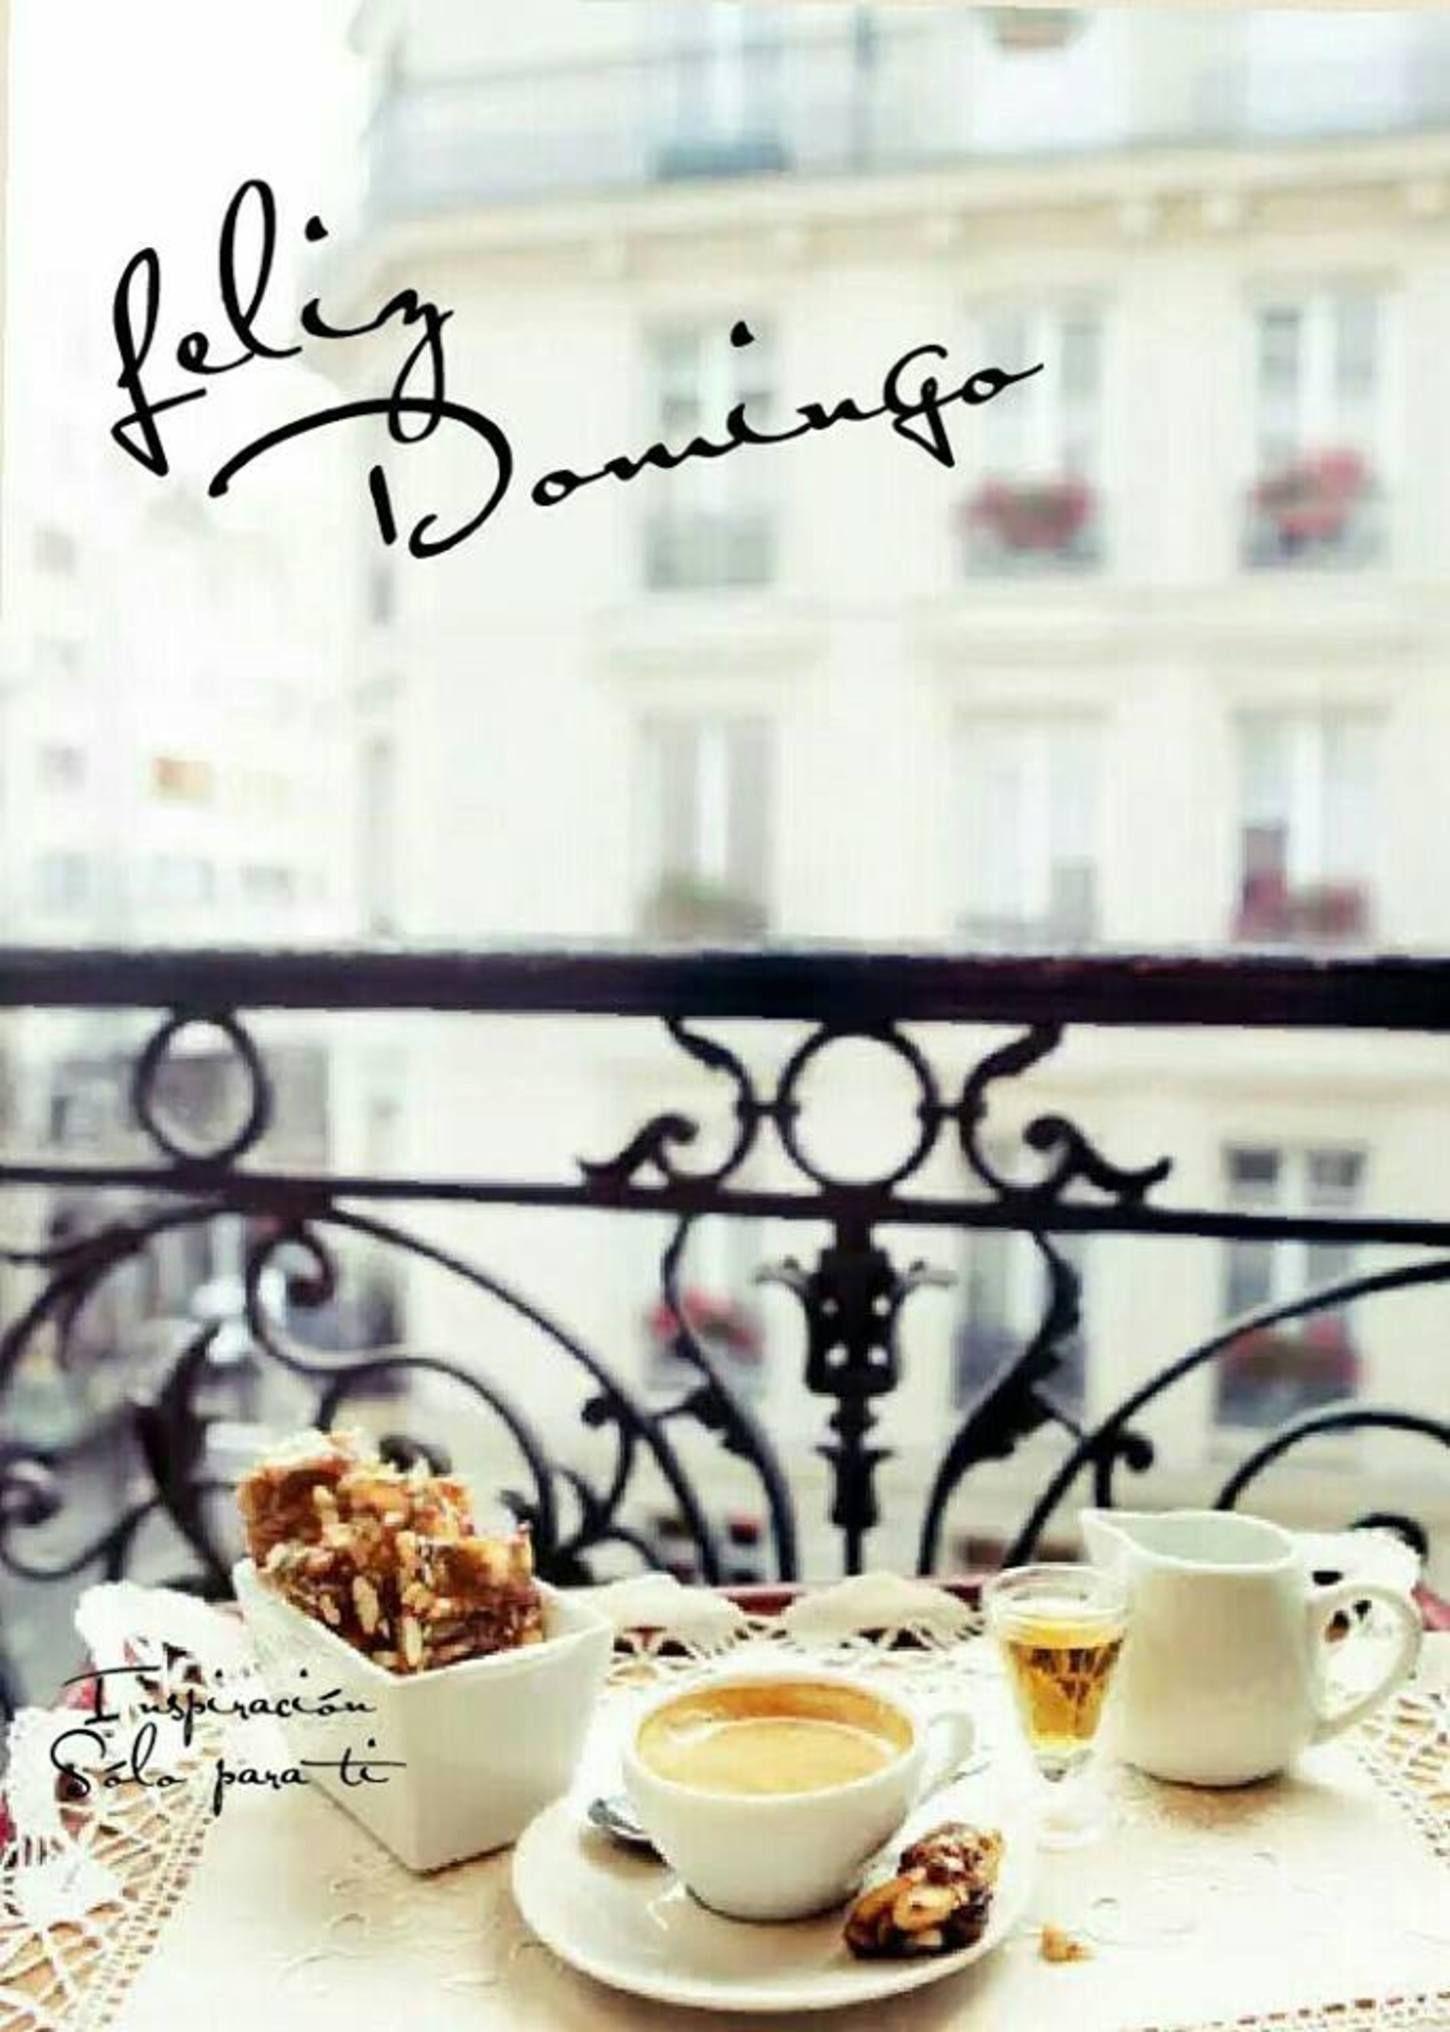 Buen Día Feliz Domingo imágenes - BonitasImagenes.net | Buenos dias feliz  domingo, Feliz domingo, Feliz domingo frases